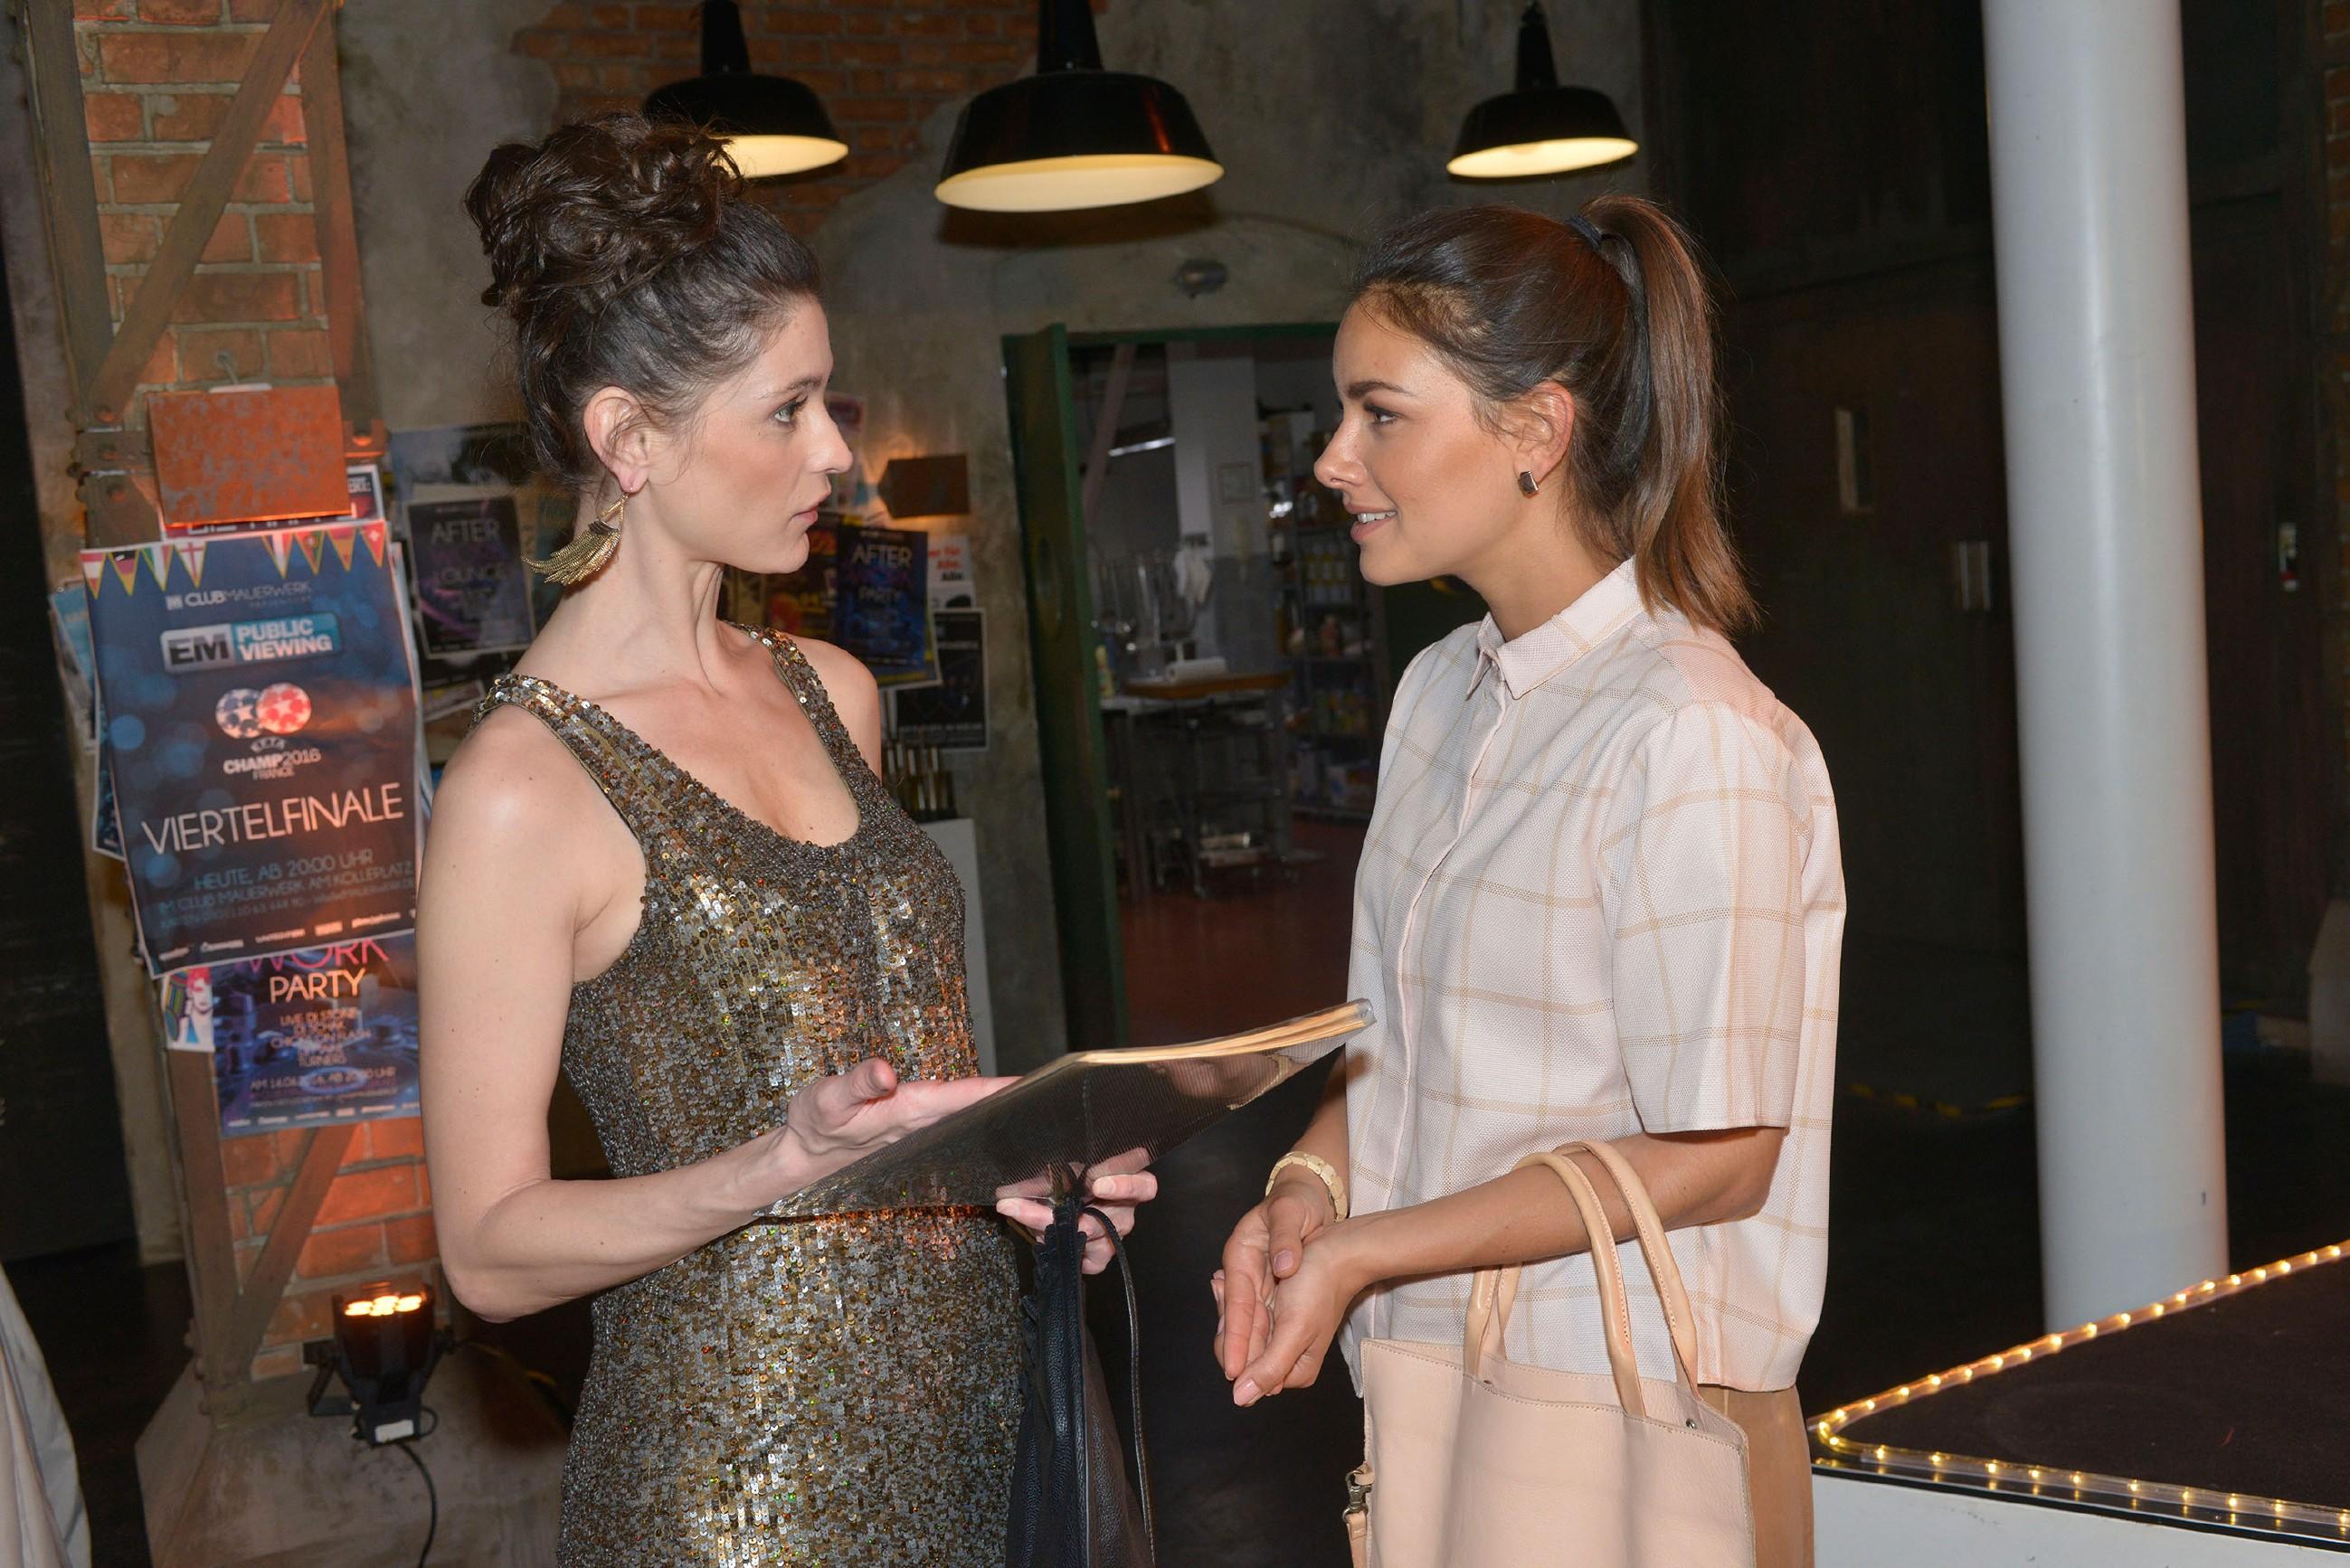 Jasmin (Janina Uhse, r.) versucht mit Sara Julia Moss (Claudia Gaebel) ins Gespräch über eine geschäftliche Zusammenarbeit zu kommen. (Quelle:RTL / Rolf Baumgartner)